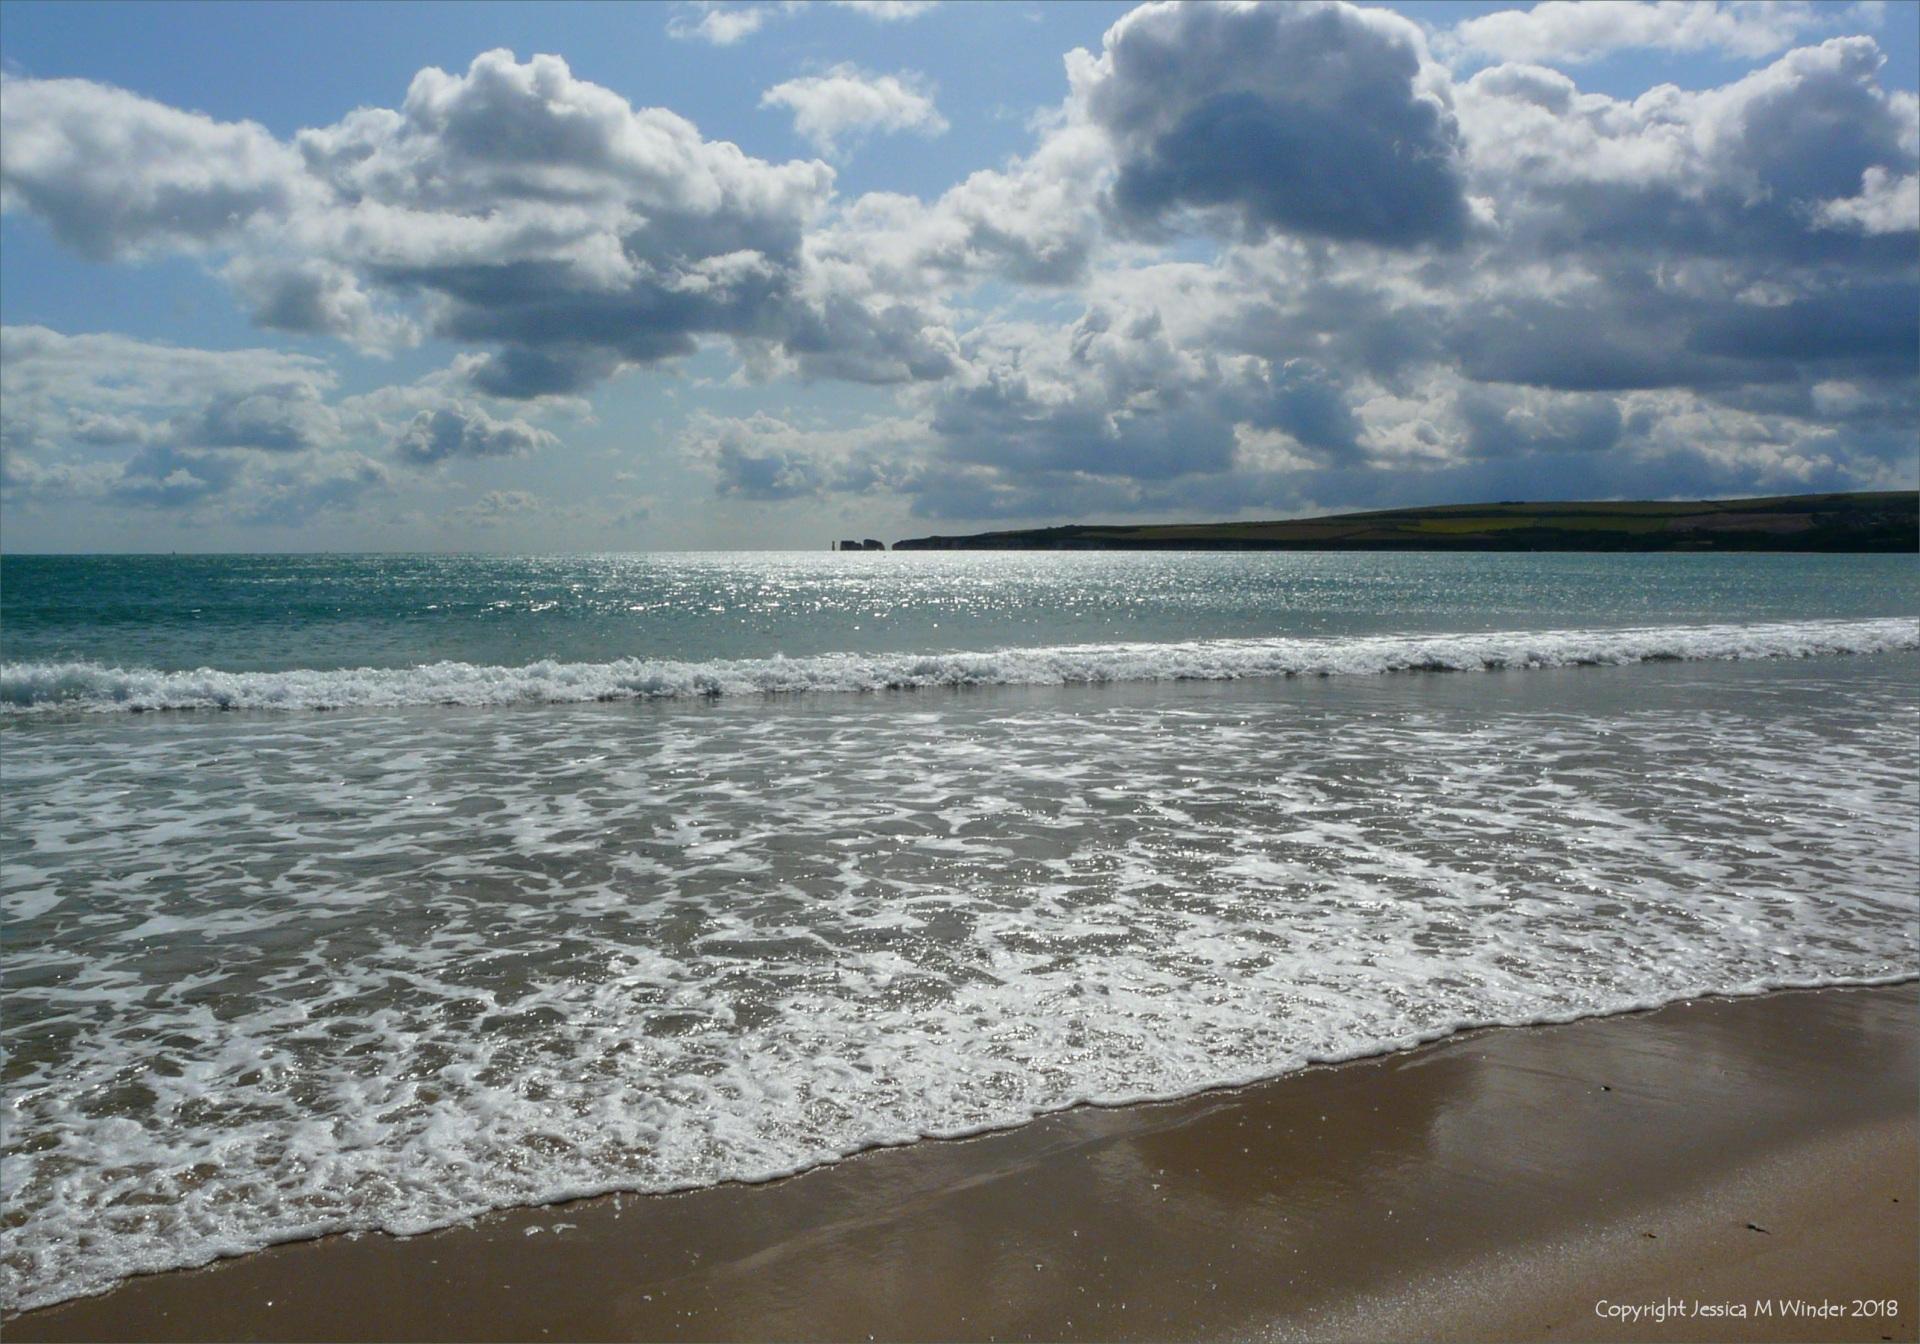 Sea view at Studland bay